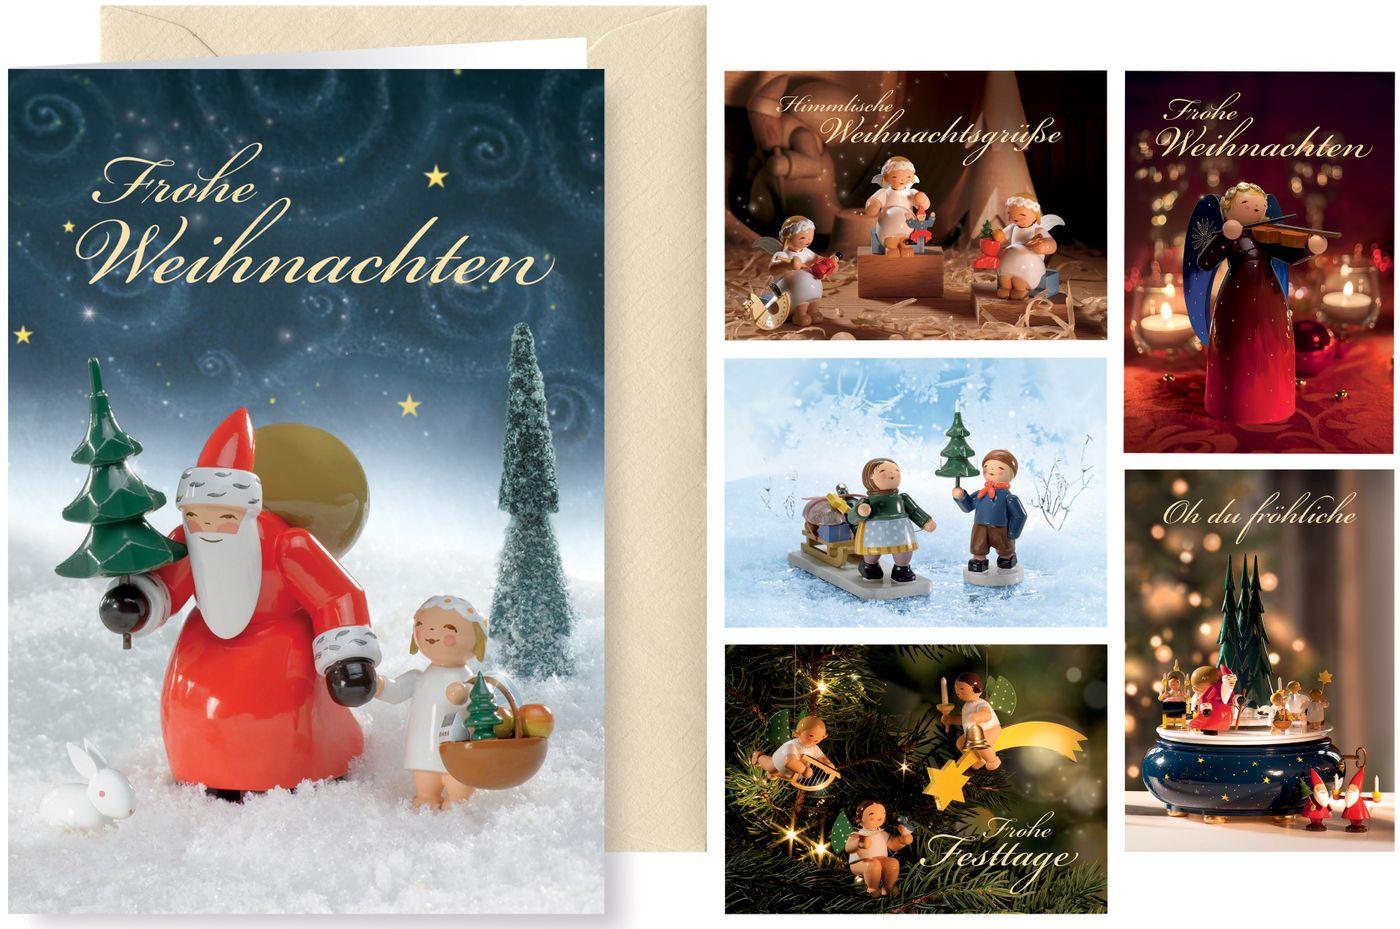 Grußkartenserie Weihnachtsgrüße, 6 Motive von Wendt und Kühn